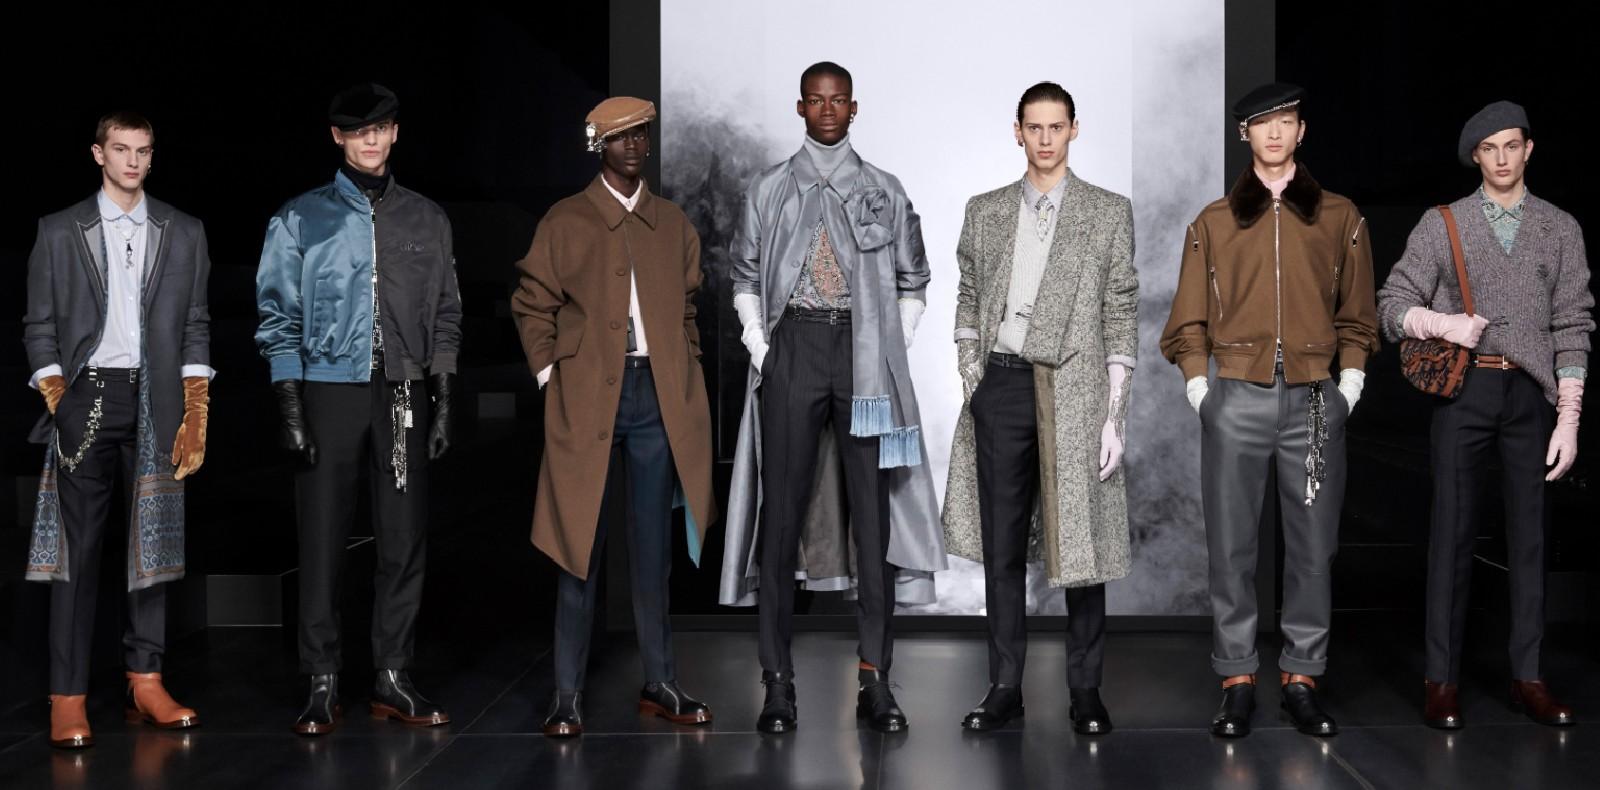 Défilé Dior homme, automne-hiver 2020-2021.